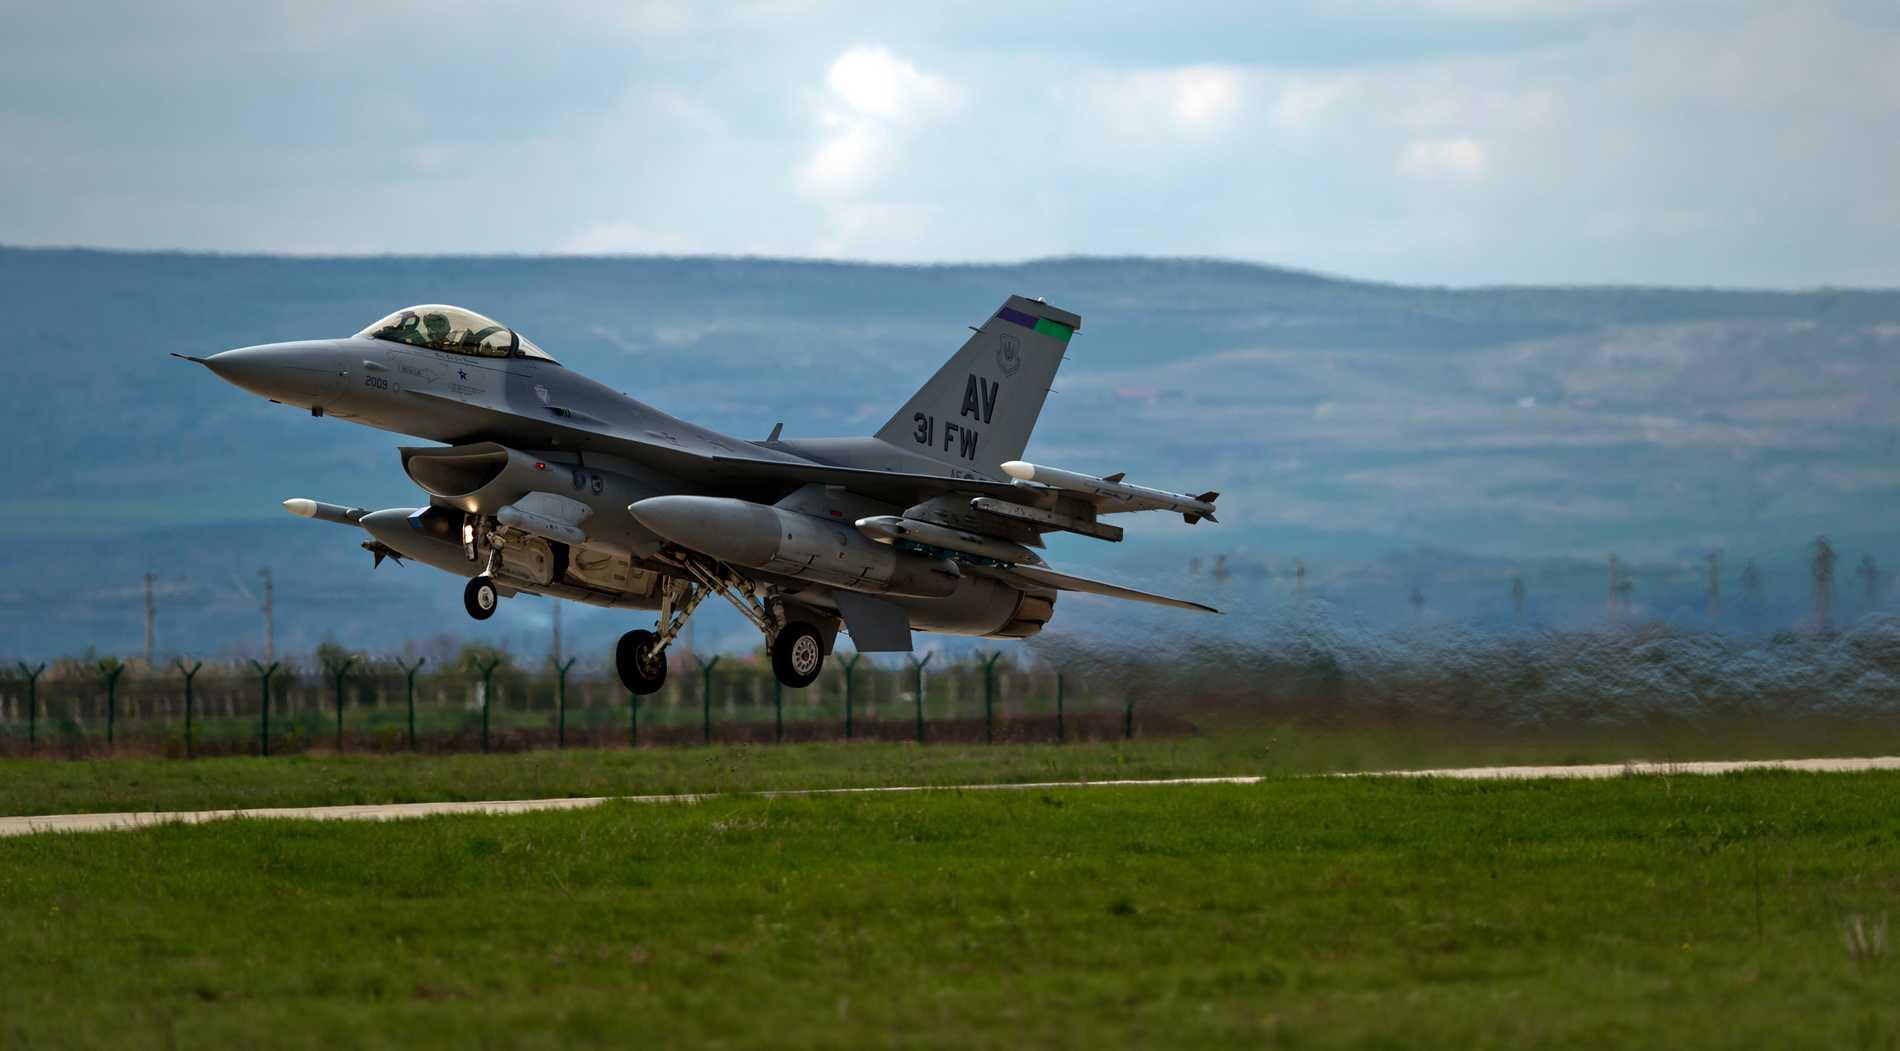 Amerikanskt F16-plan lyfter från en flygbas i Rumänien. Flygplanen finns även i Polen - och kan snart få sällskap av marktrupper.